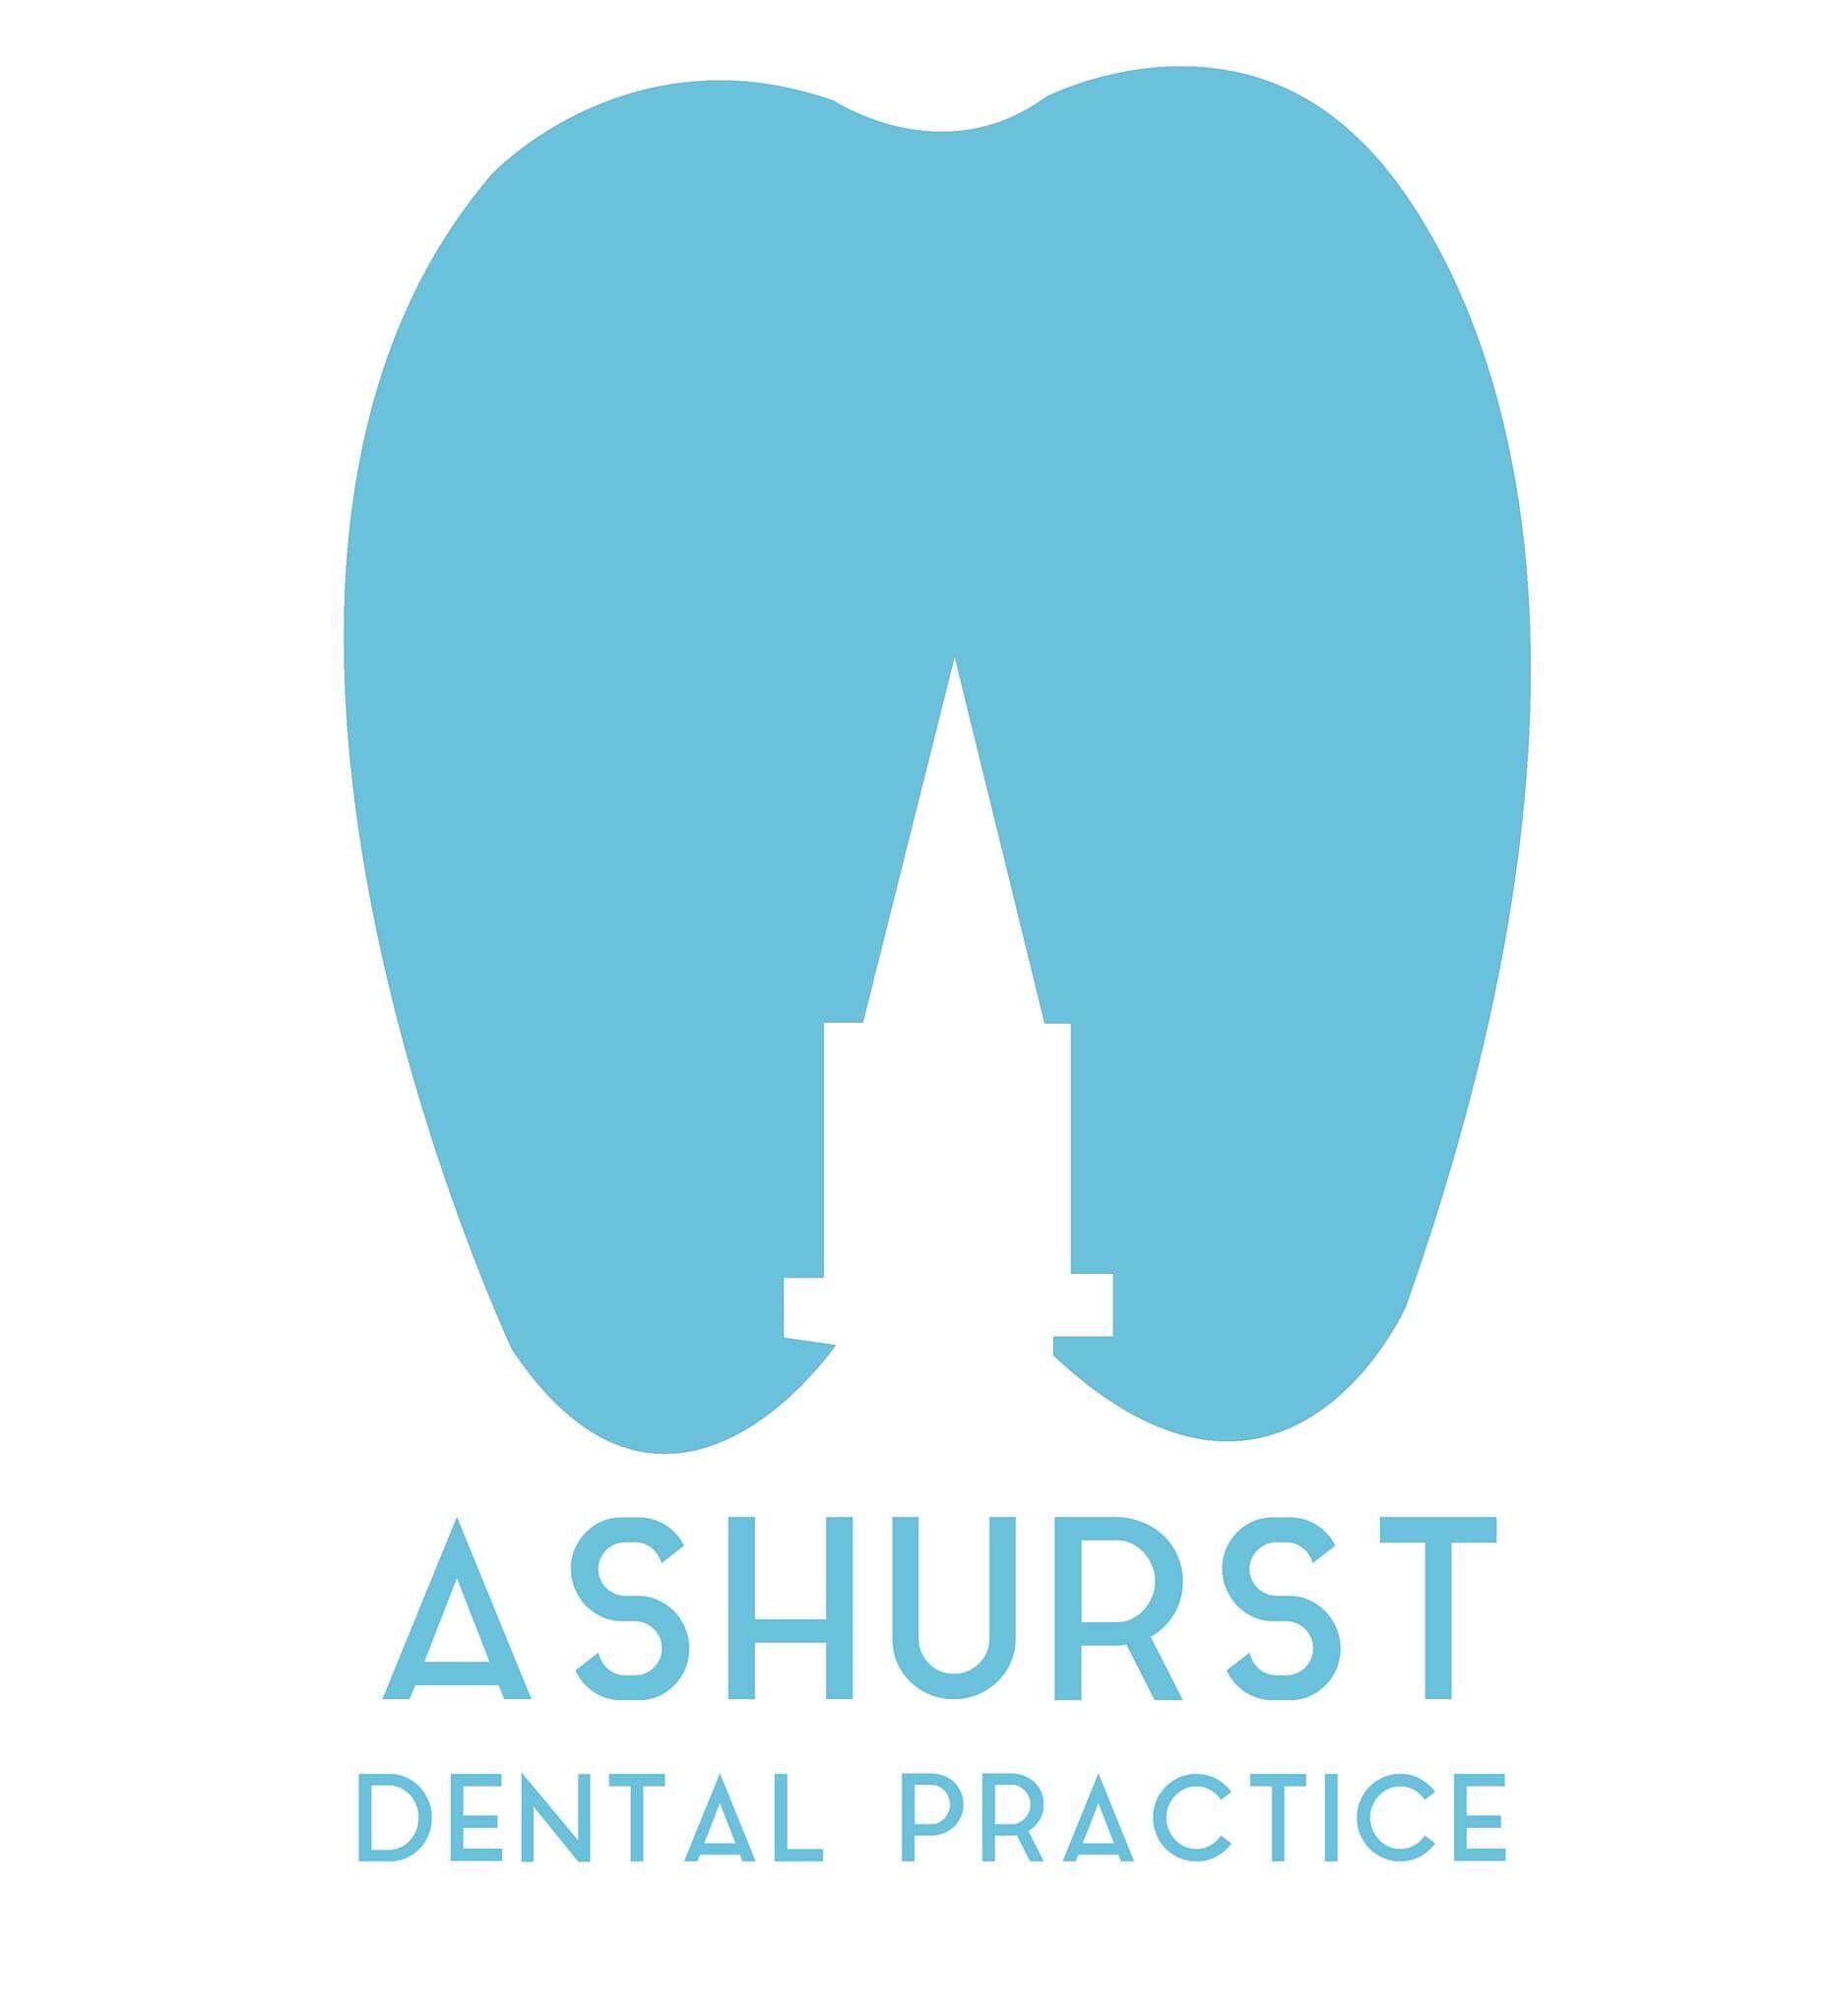 Ashurst Dental Practice